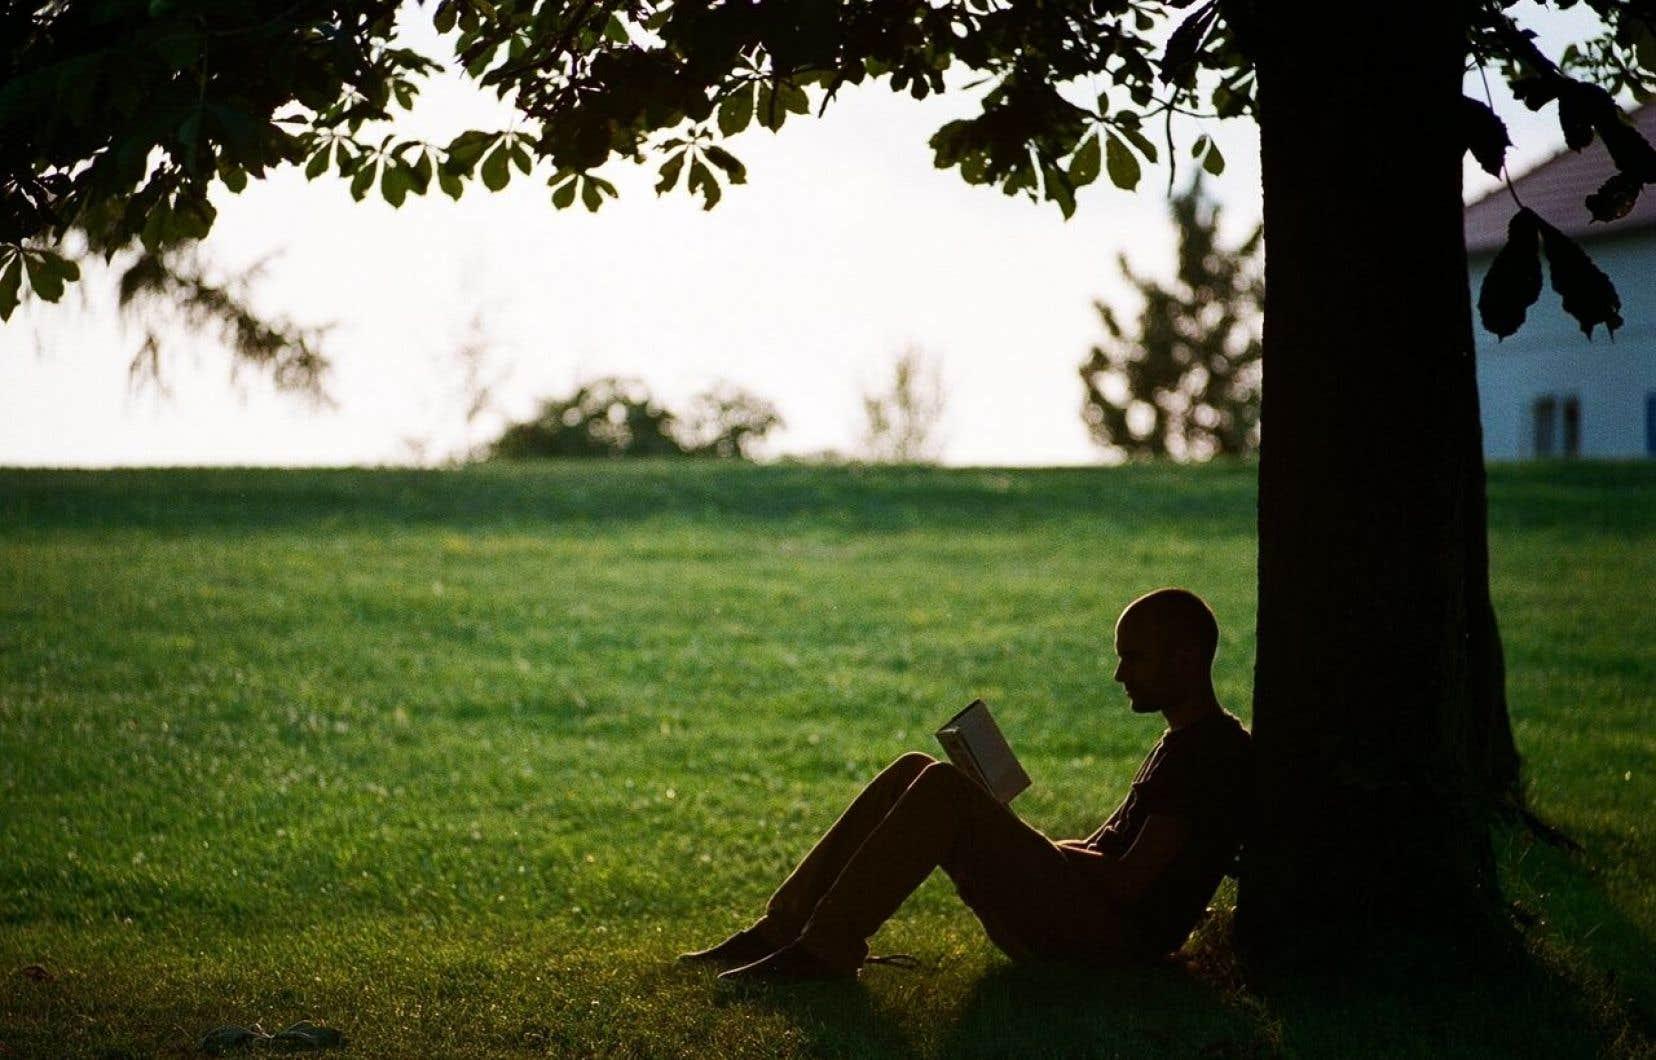 «La littérature, si elle n'est pas en crise, n'existe pas. La littérature a été, est et sera toujours en crise. Normal», écrit Larry Tremblay.